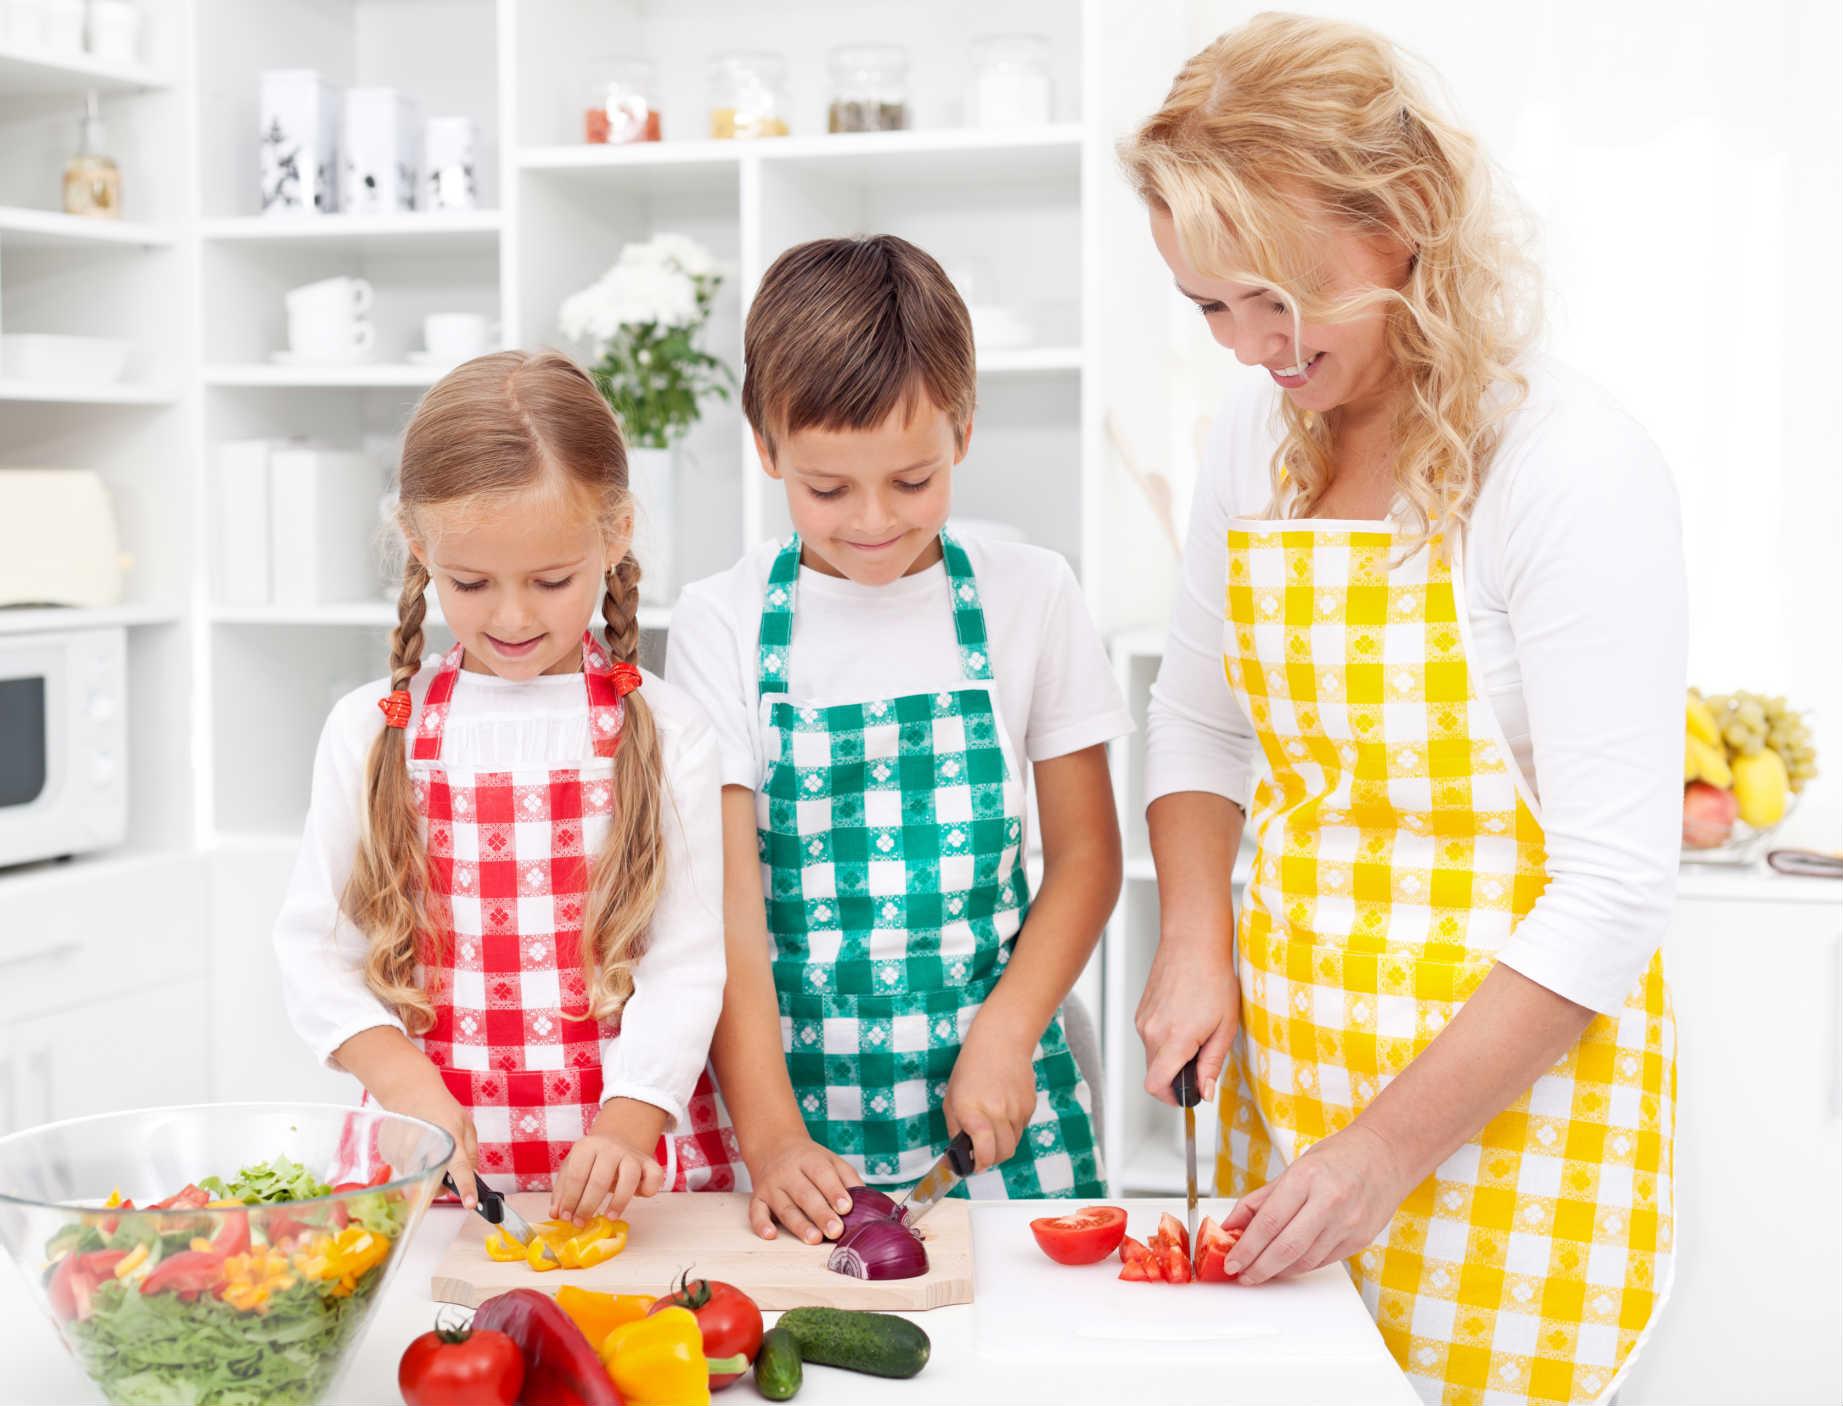 Blog cuisine : Mes conseils pour améliorer votre cuisine, ravir vos papilles et celles de vos proches